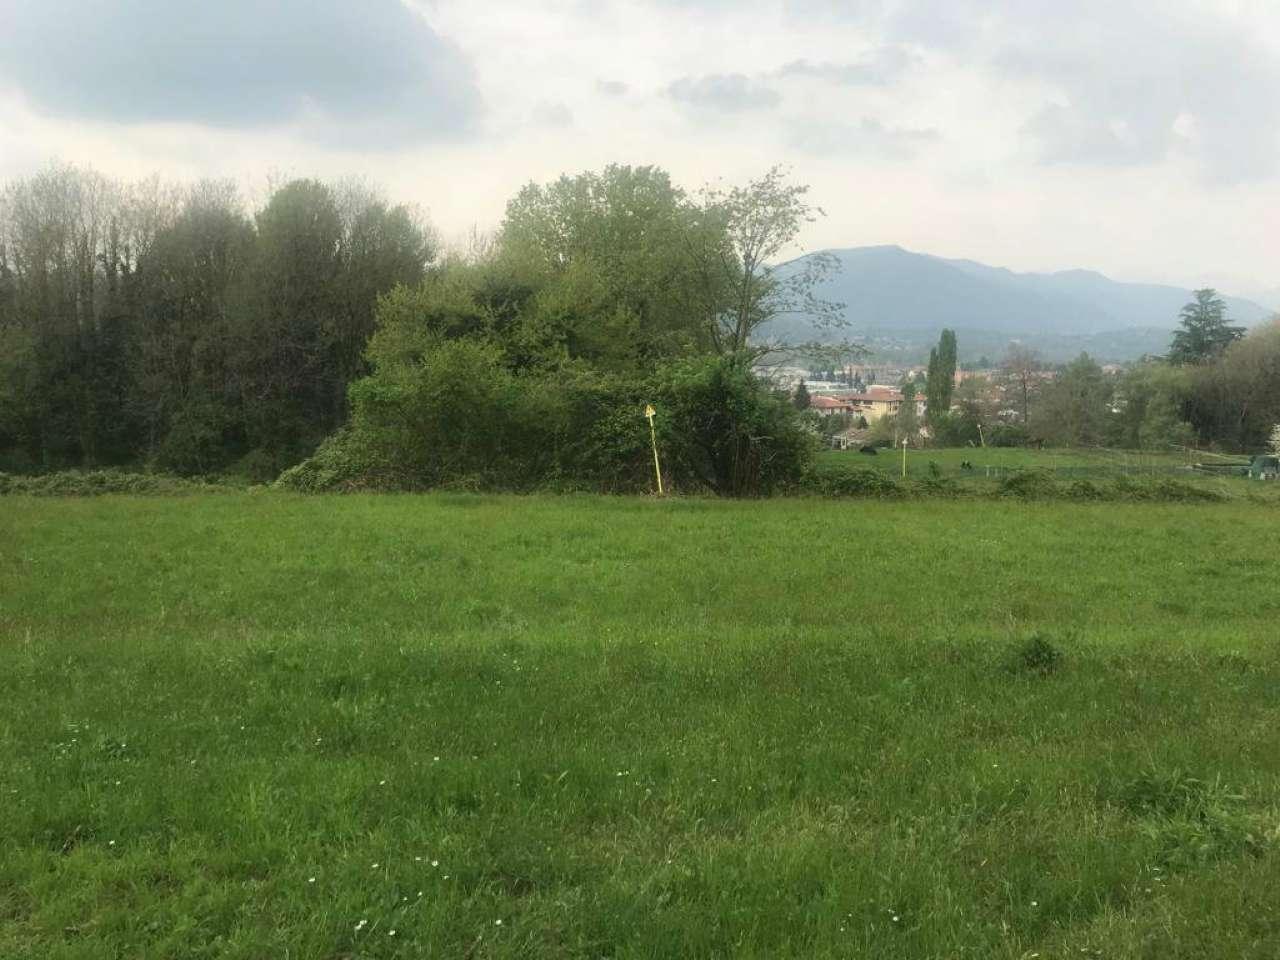 Terreno Agricolo in vendita a Villa d'Adda, 1 locali, prezzo € 139.000 | CambioCasa.it